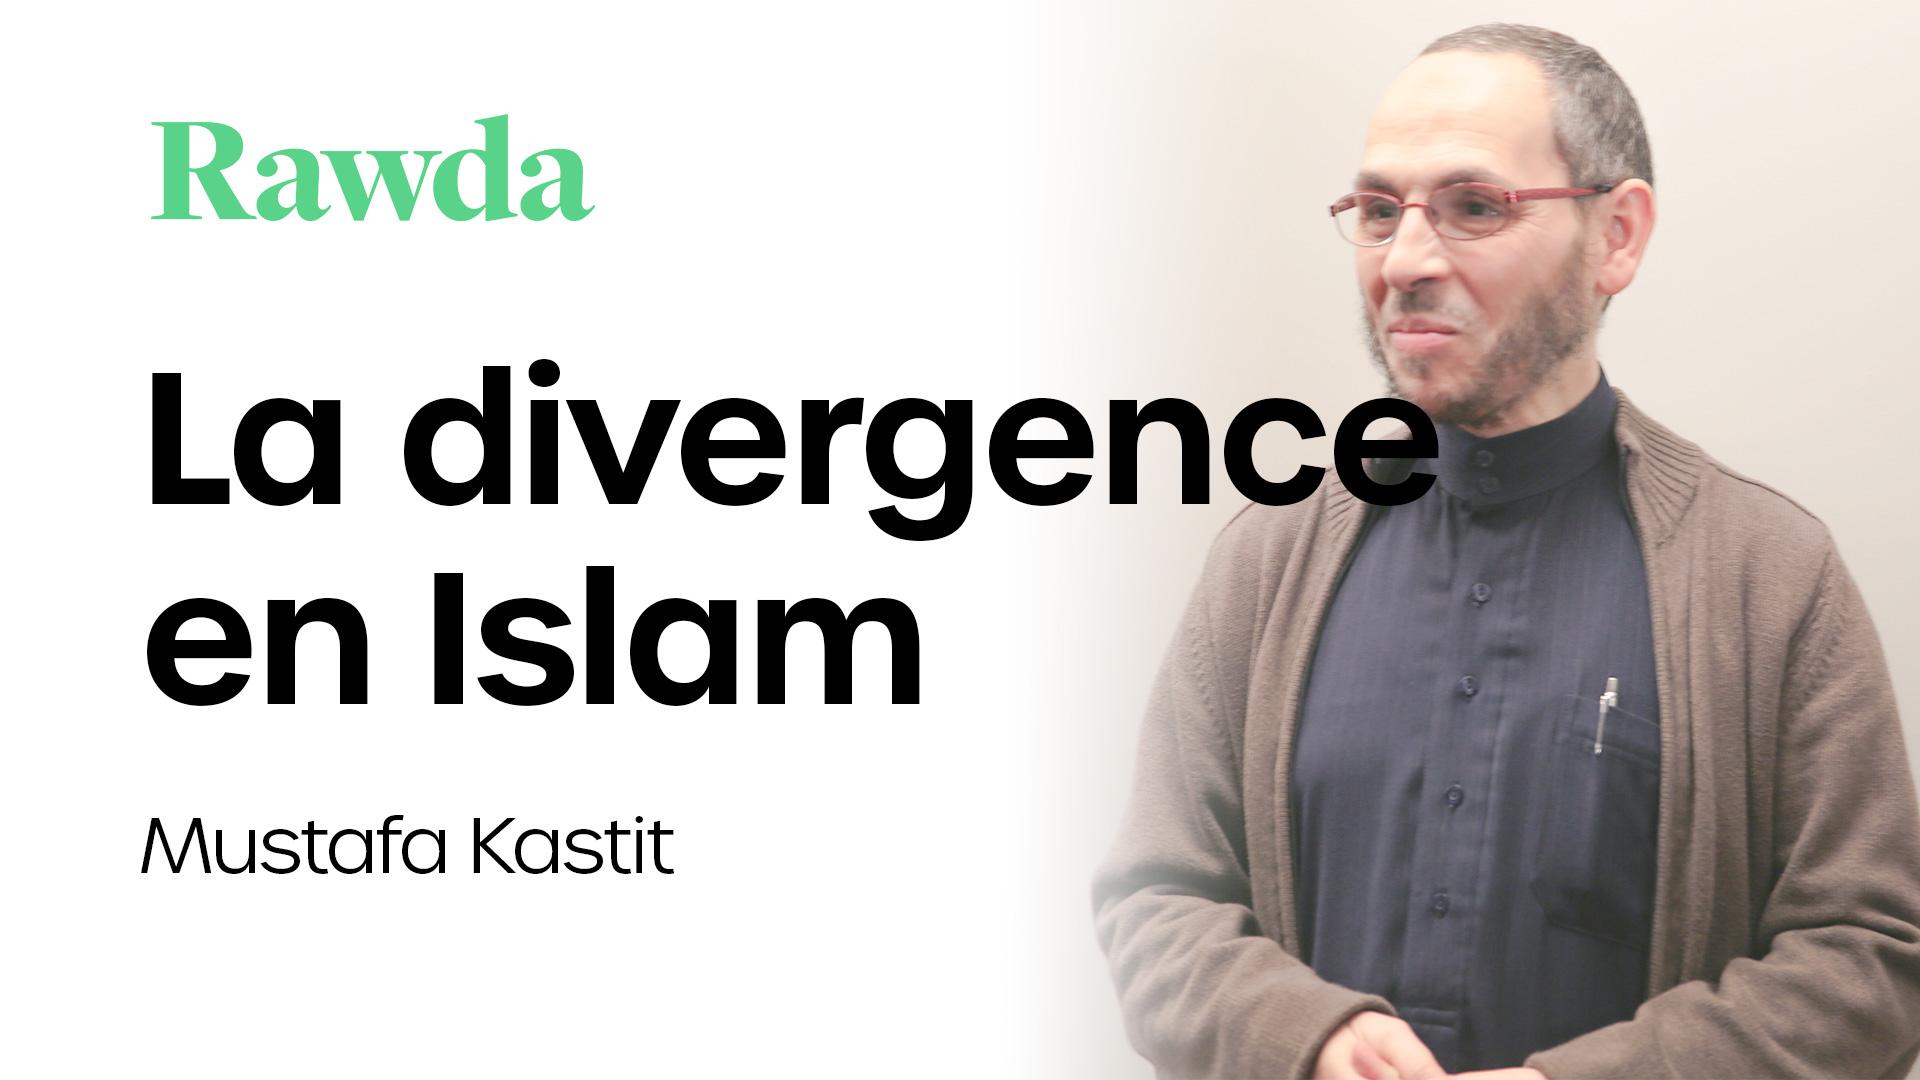 Miniature du cours : La divergence en Islam avec Mustafa Kastit